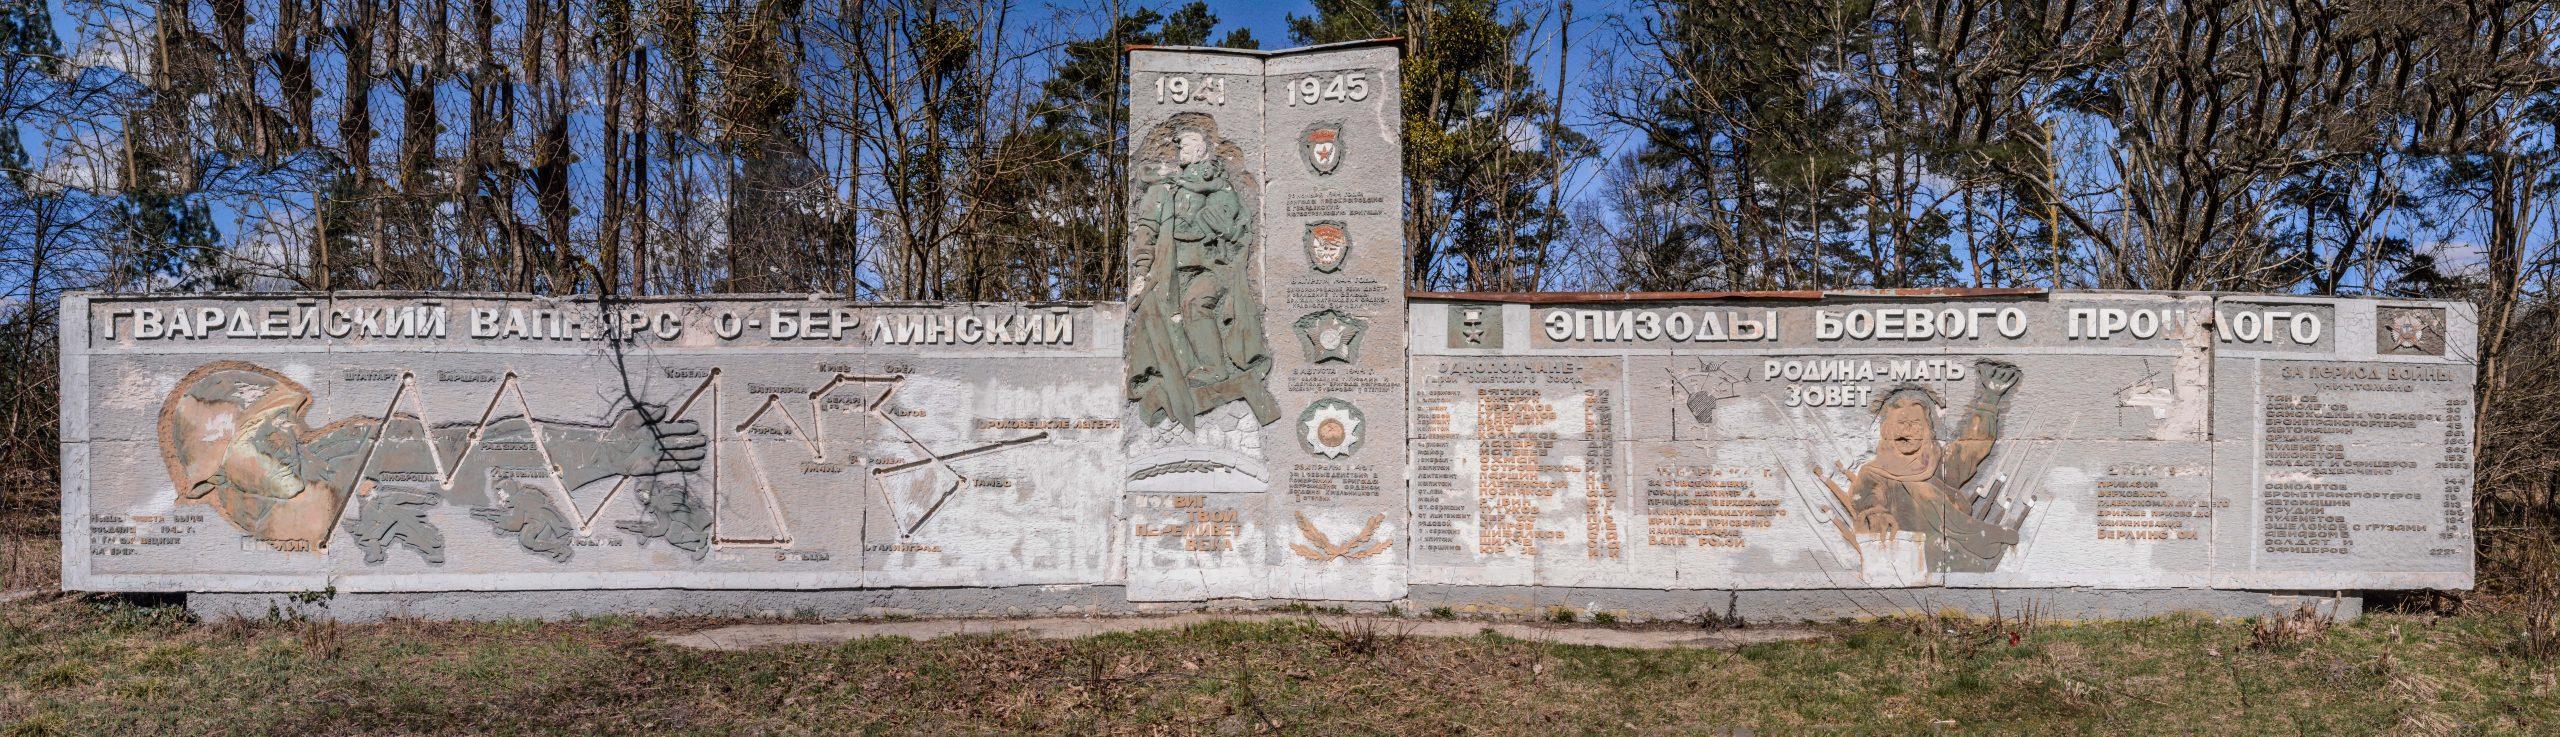 sowjetisches ehrenmal fürstenberg drögen soviet war memorial panorama brandenburg deutschland